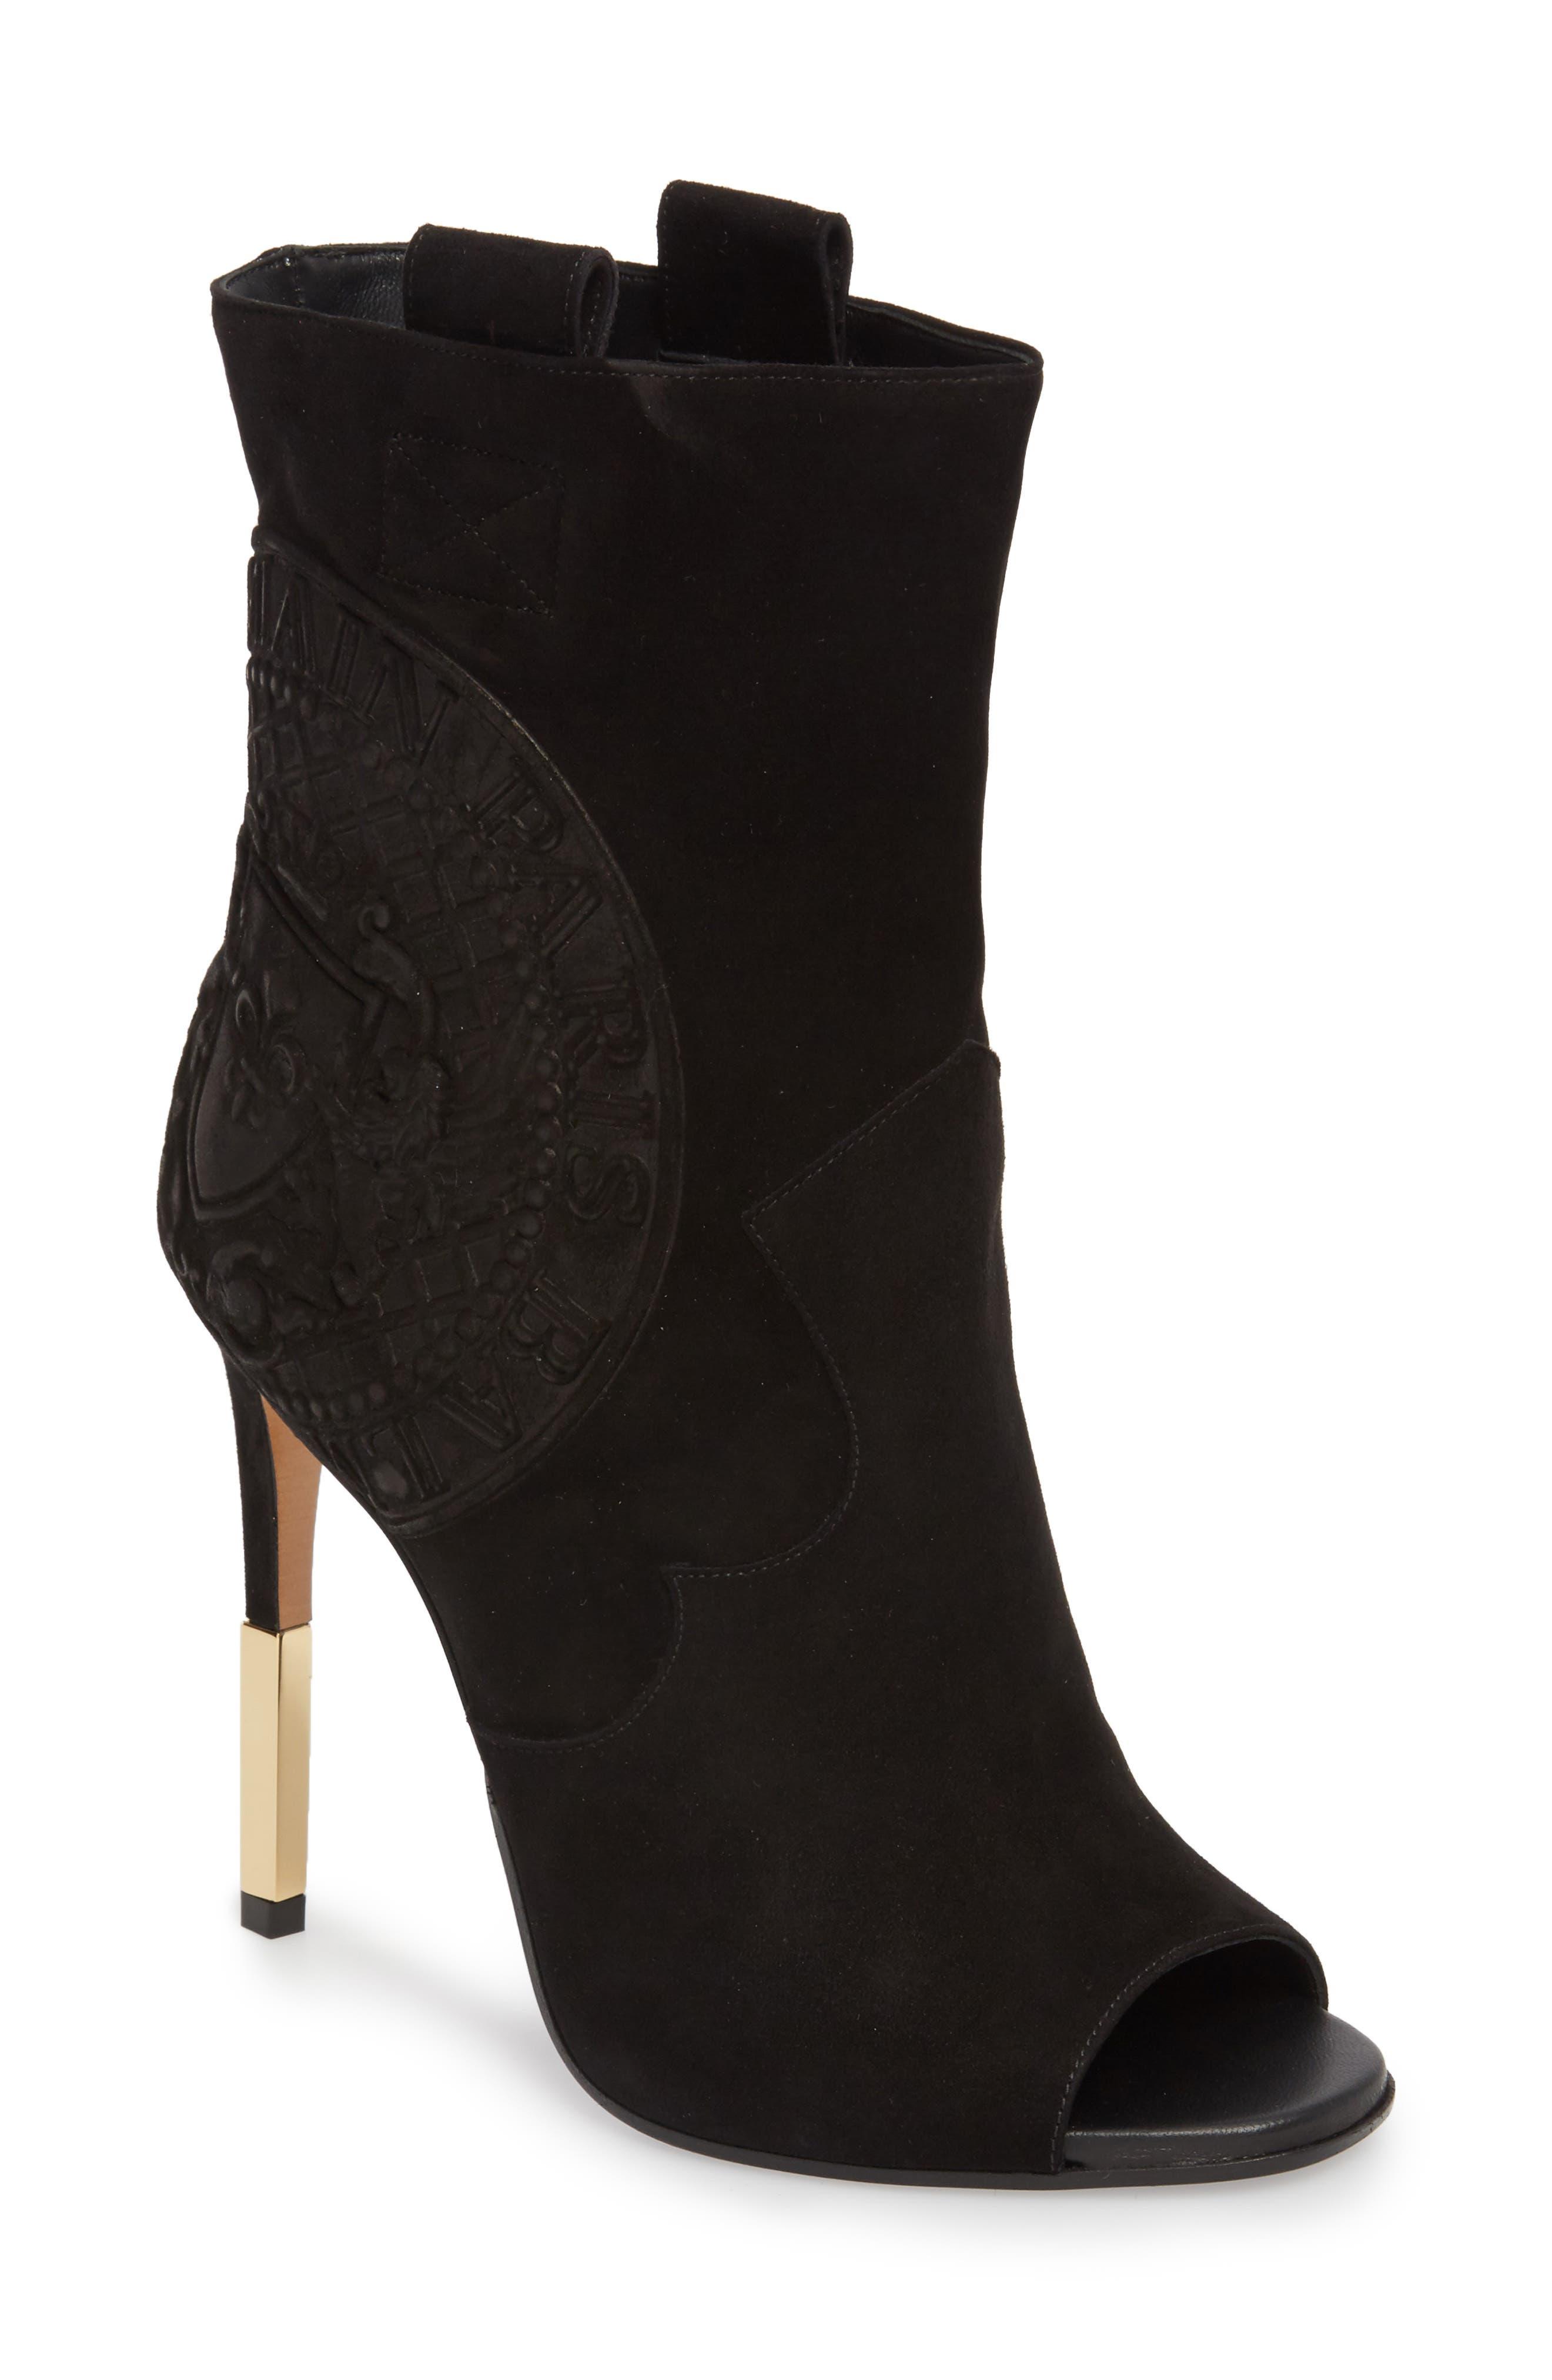 d71a434f0 Women s Boots Sale